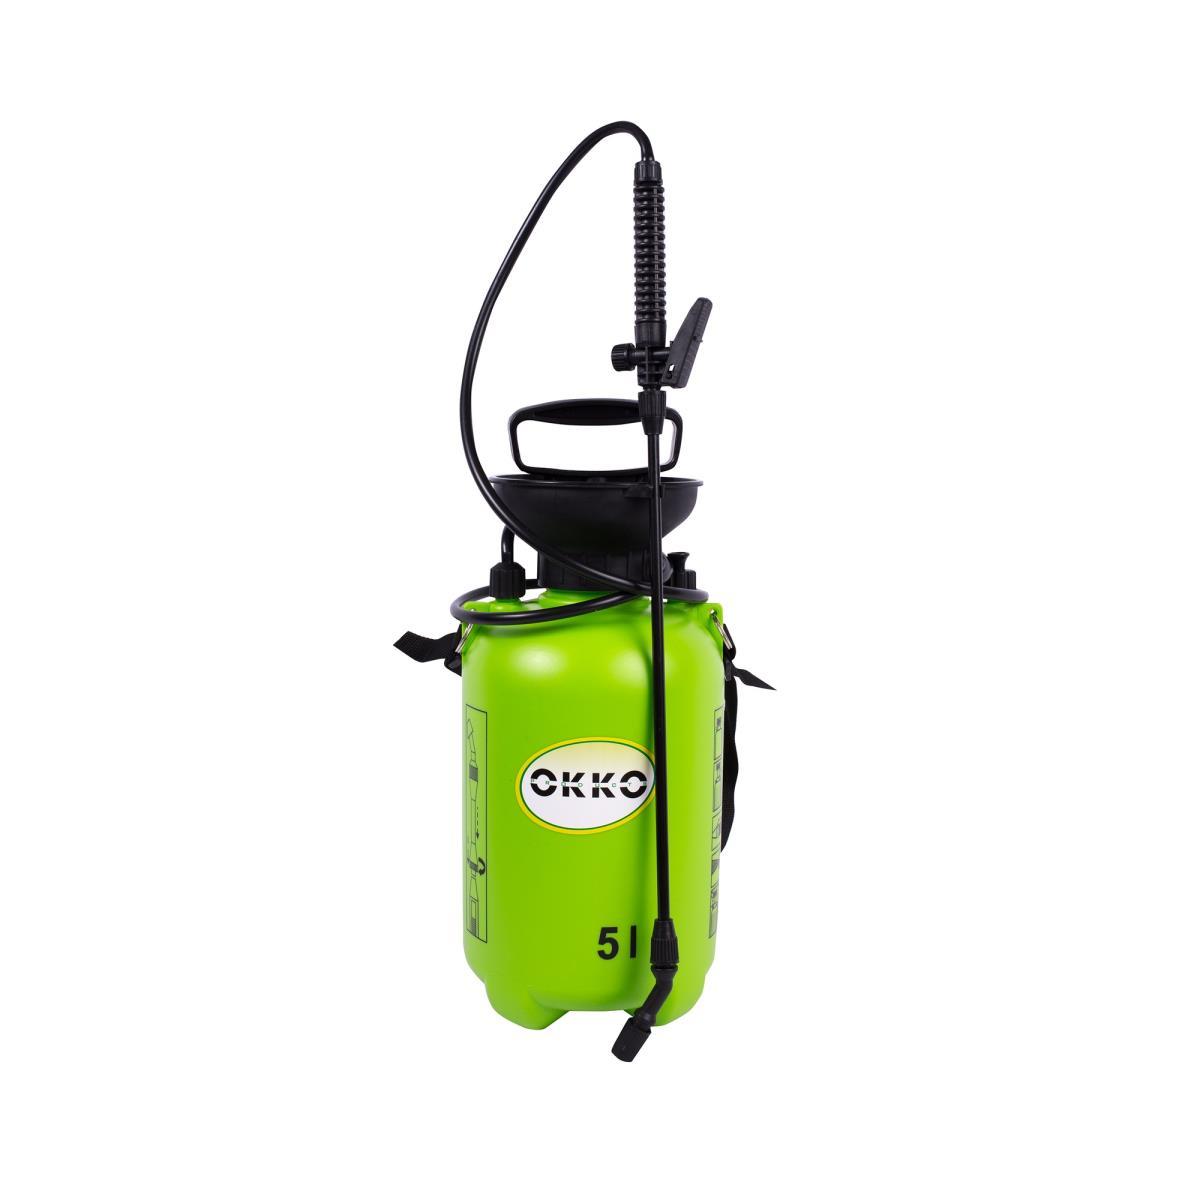 Handsprüher 5L Sprühflasche Drucksprüher mit Tragegurt Sprayer Grün,OKKO,4772013033141, 4772013033141